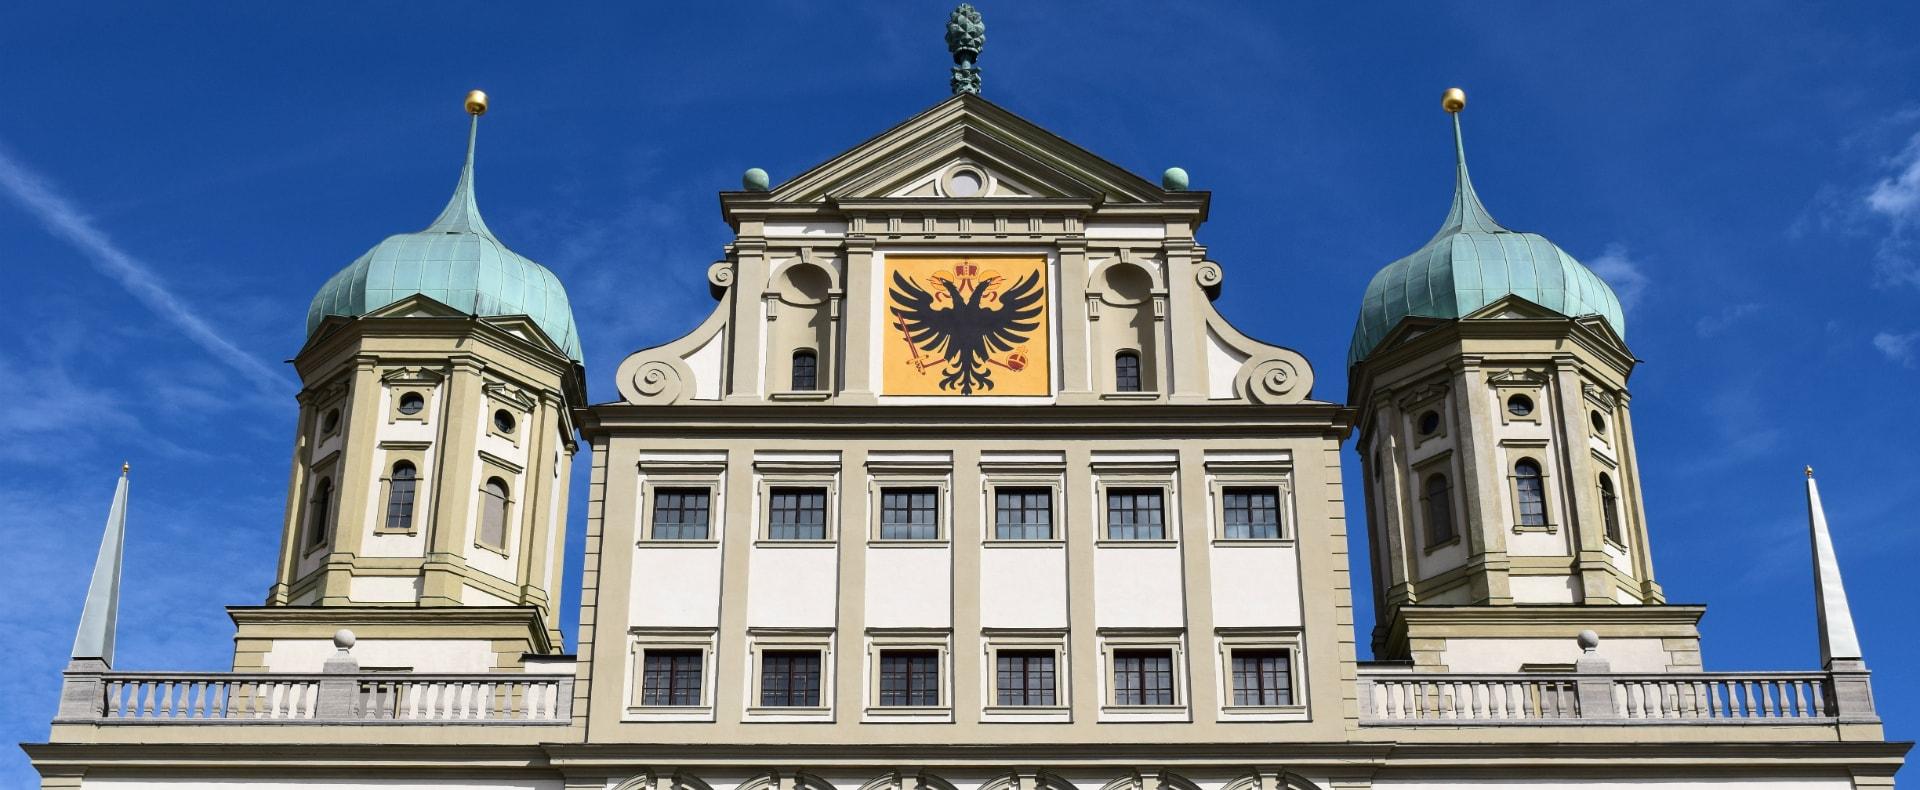 Augsburg, Germany